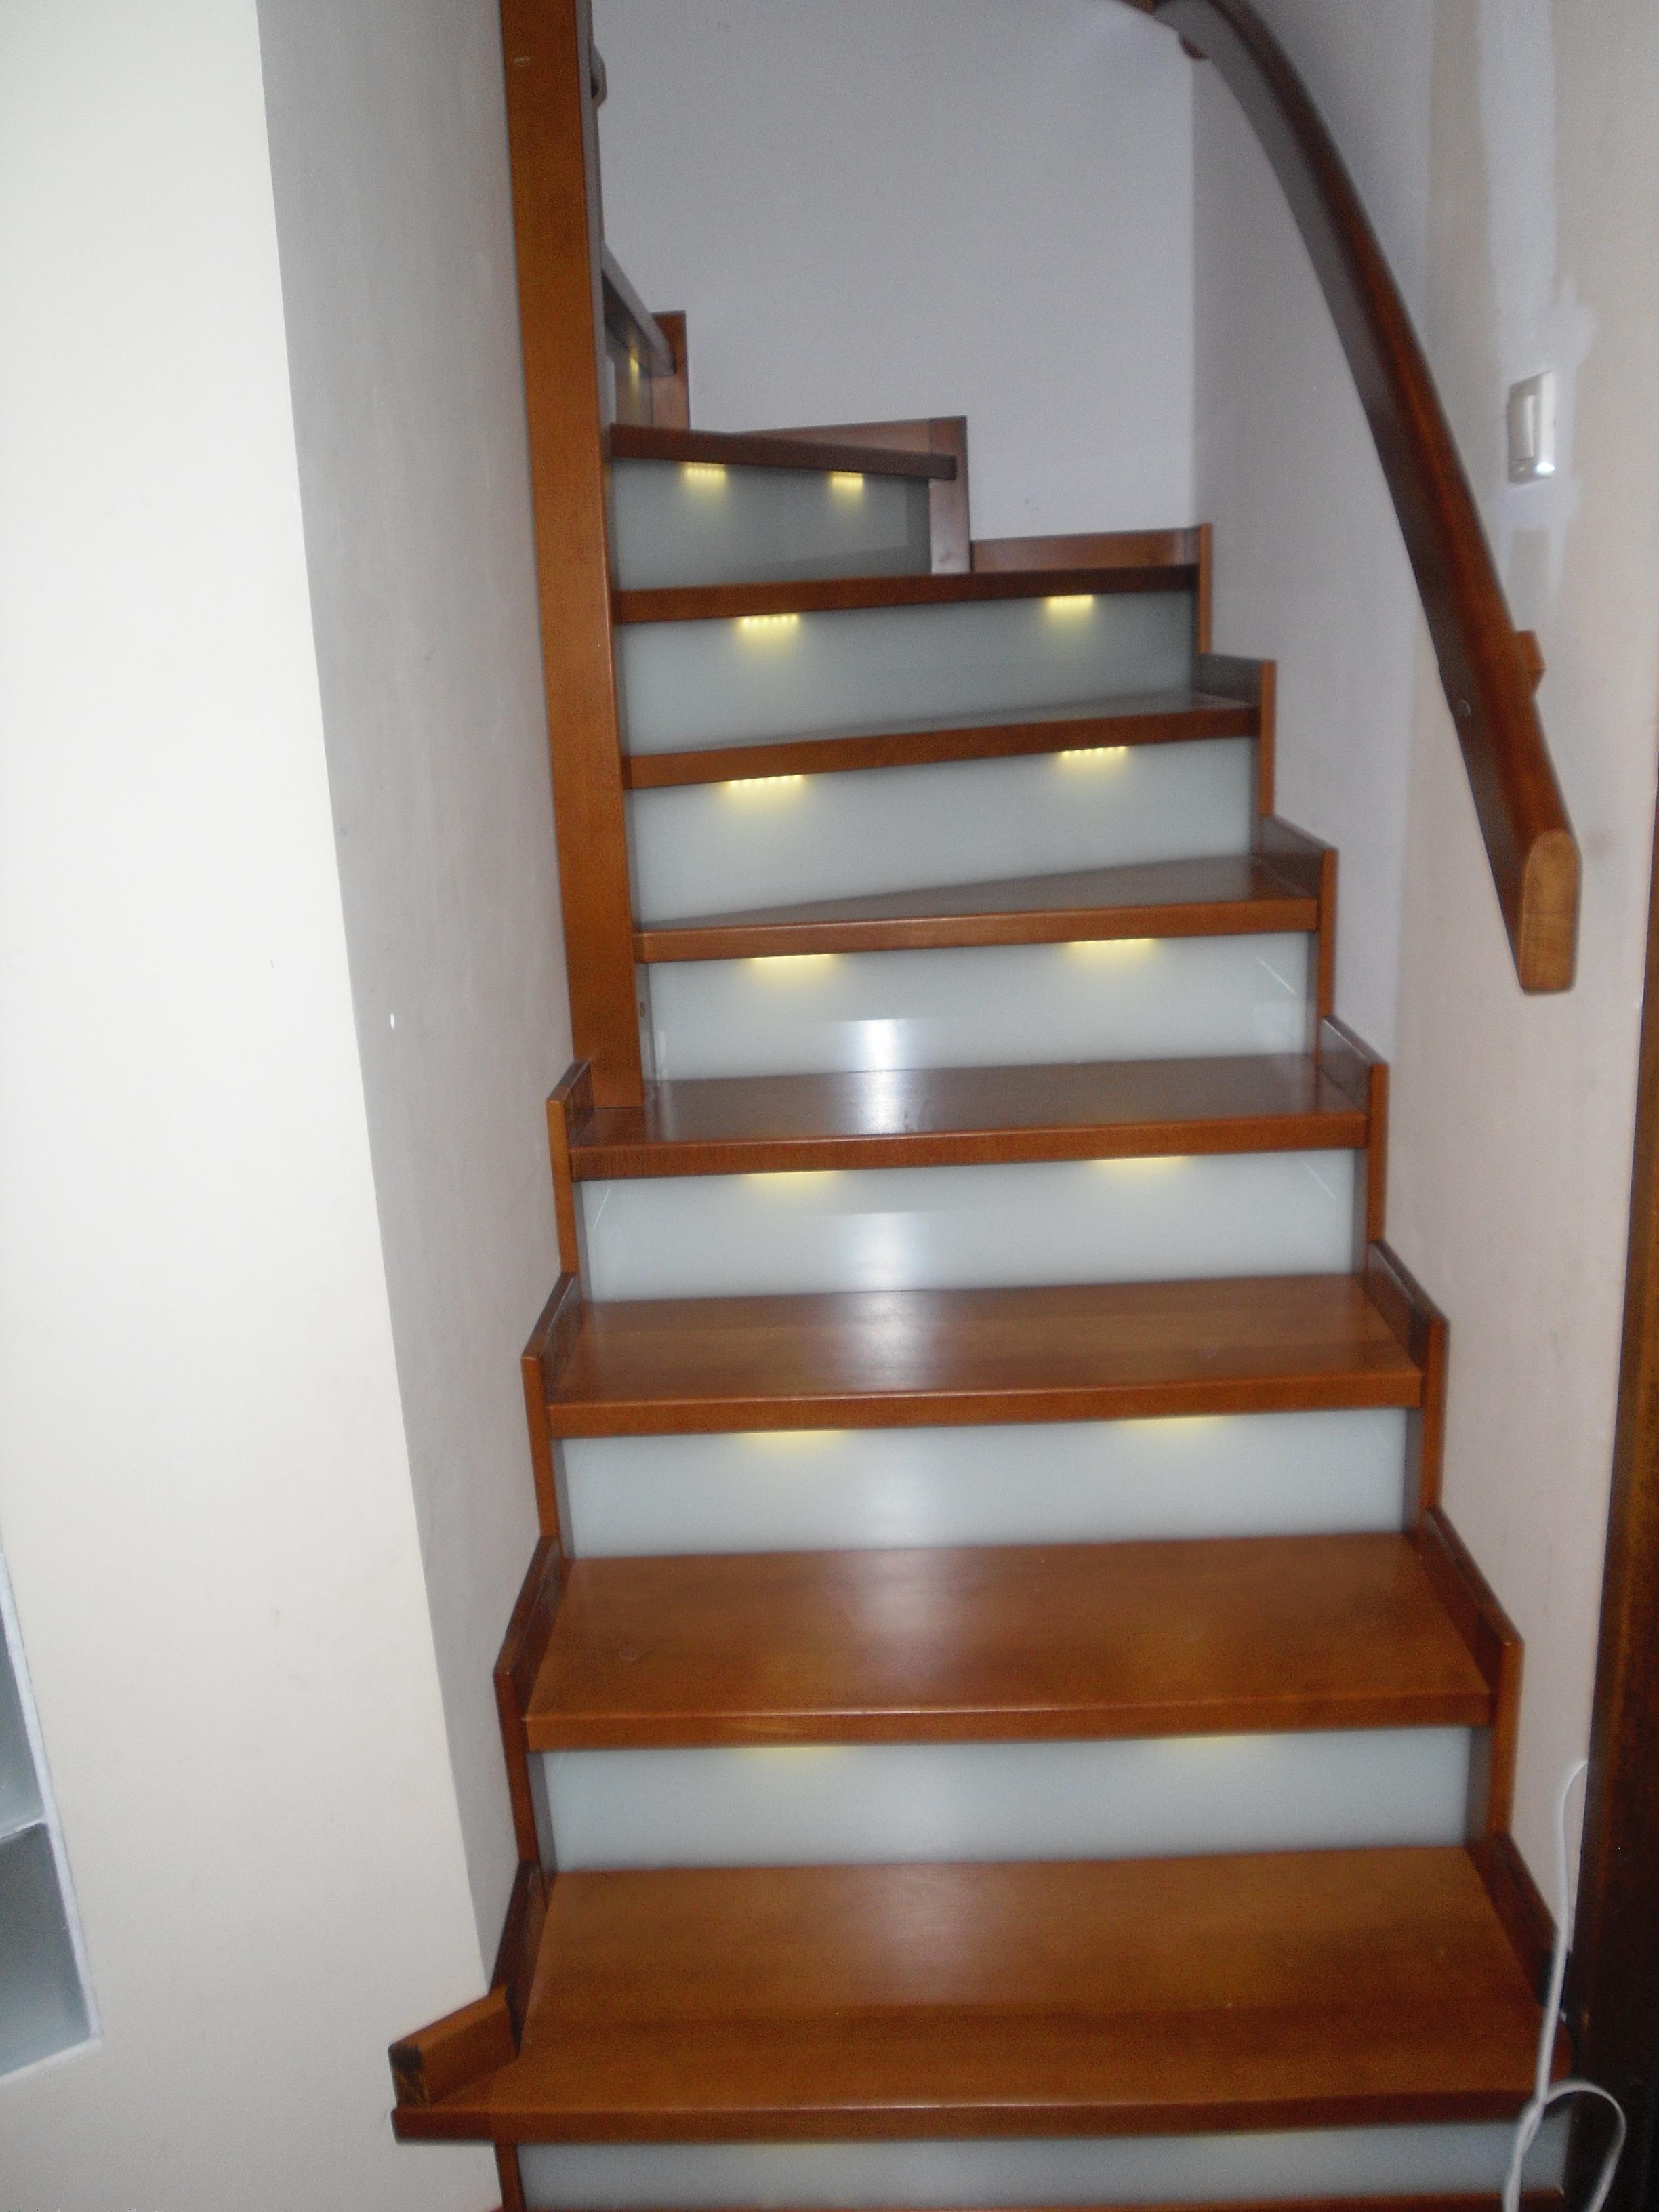 holzstufen auf betontreppe treppe 8. Black Bedroom Furniture Sets. Home Design Ideas